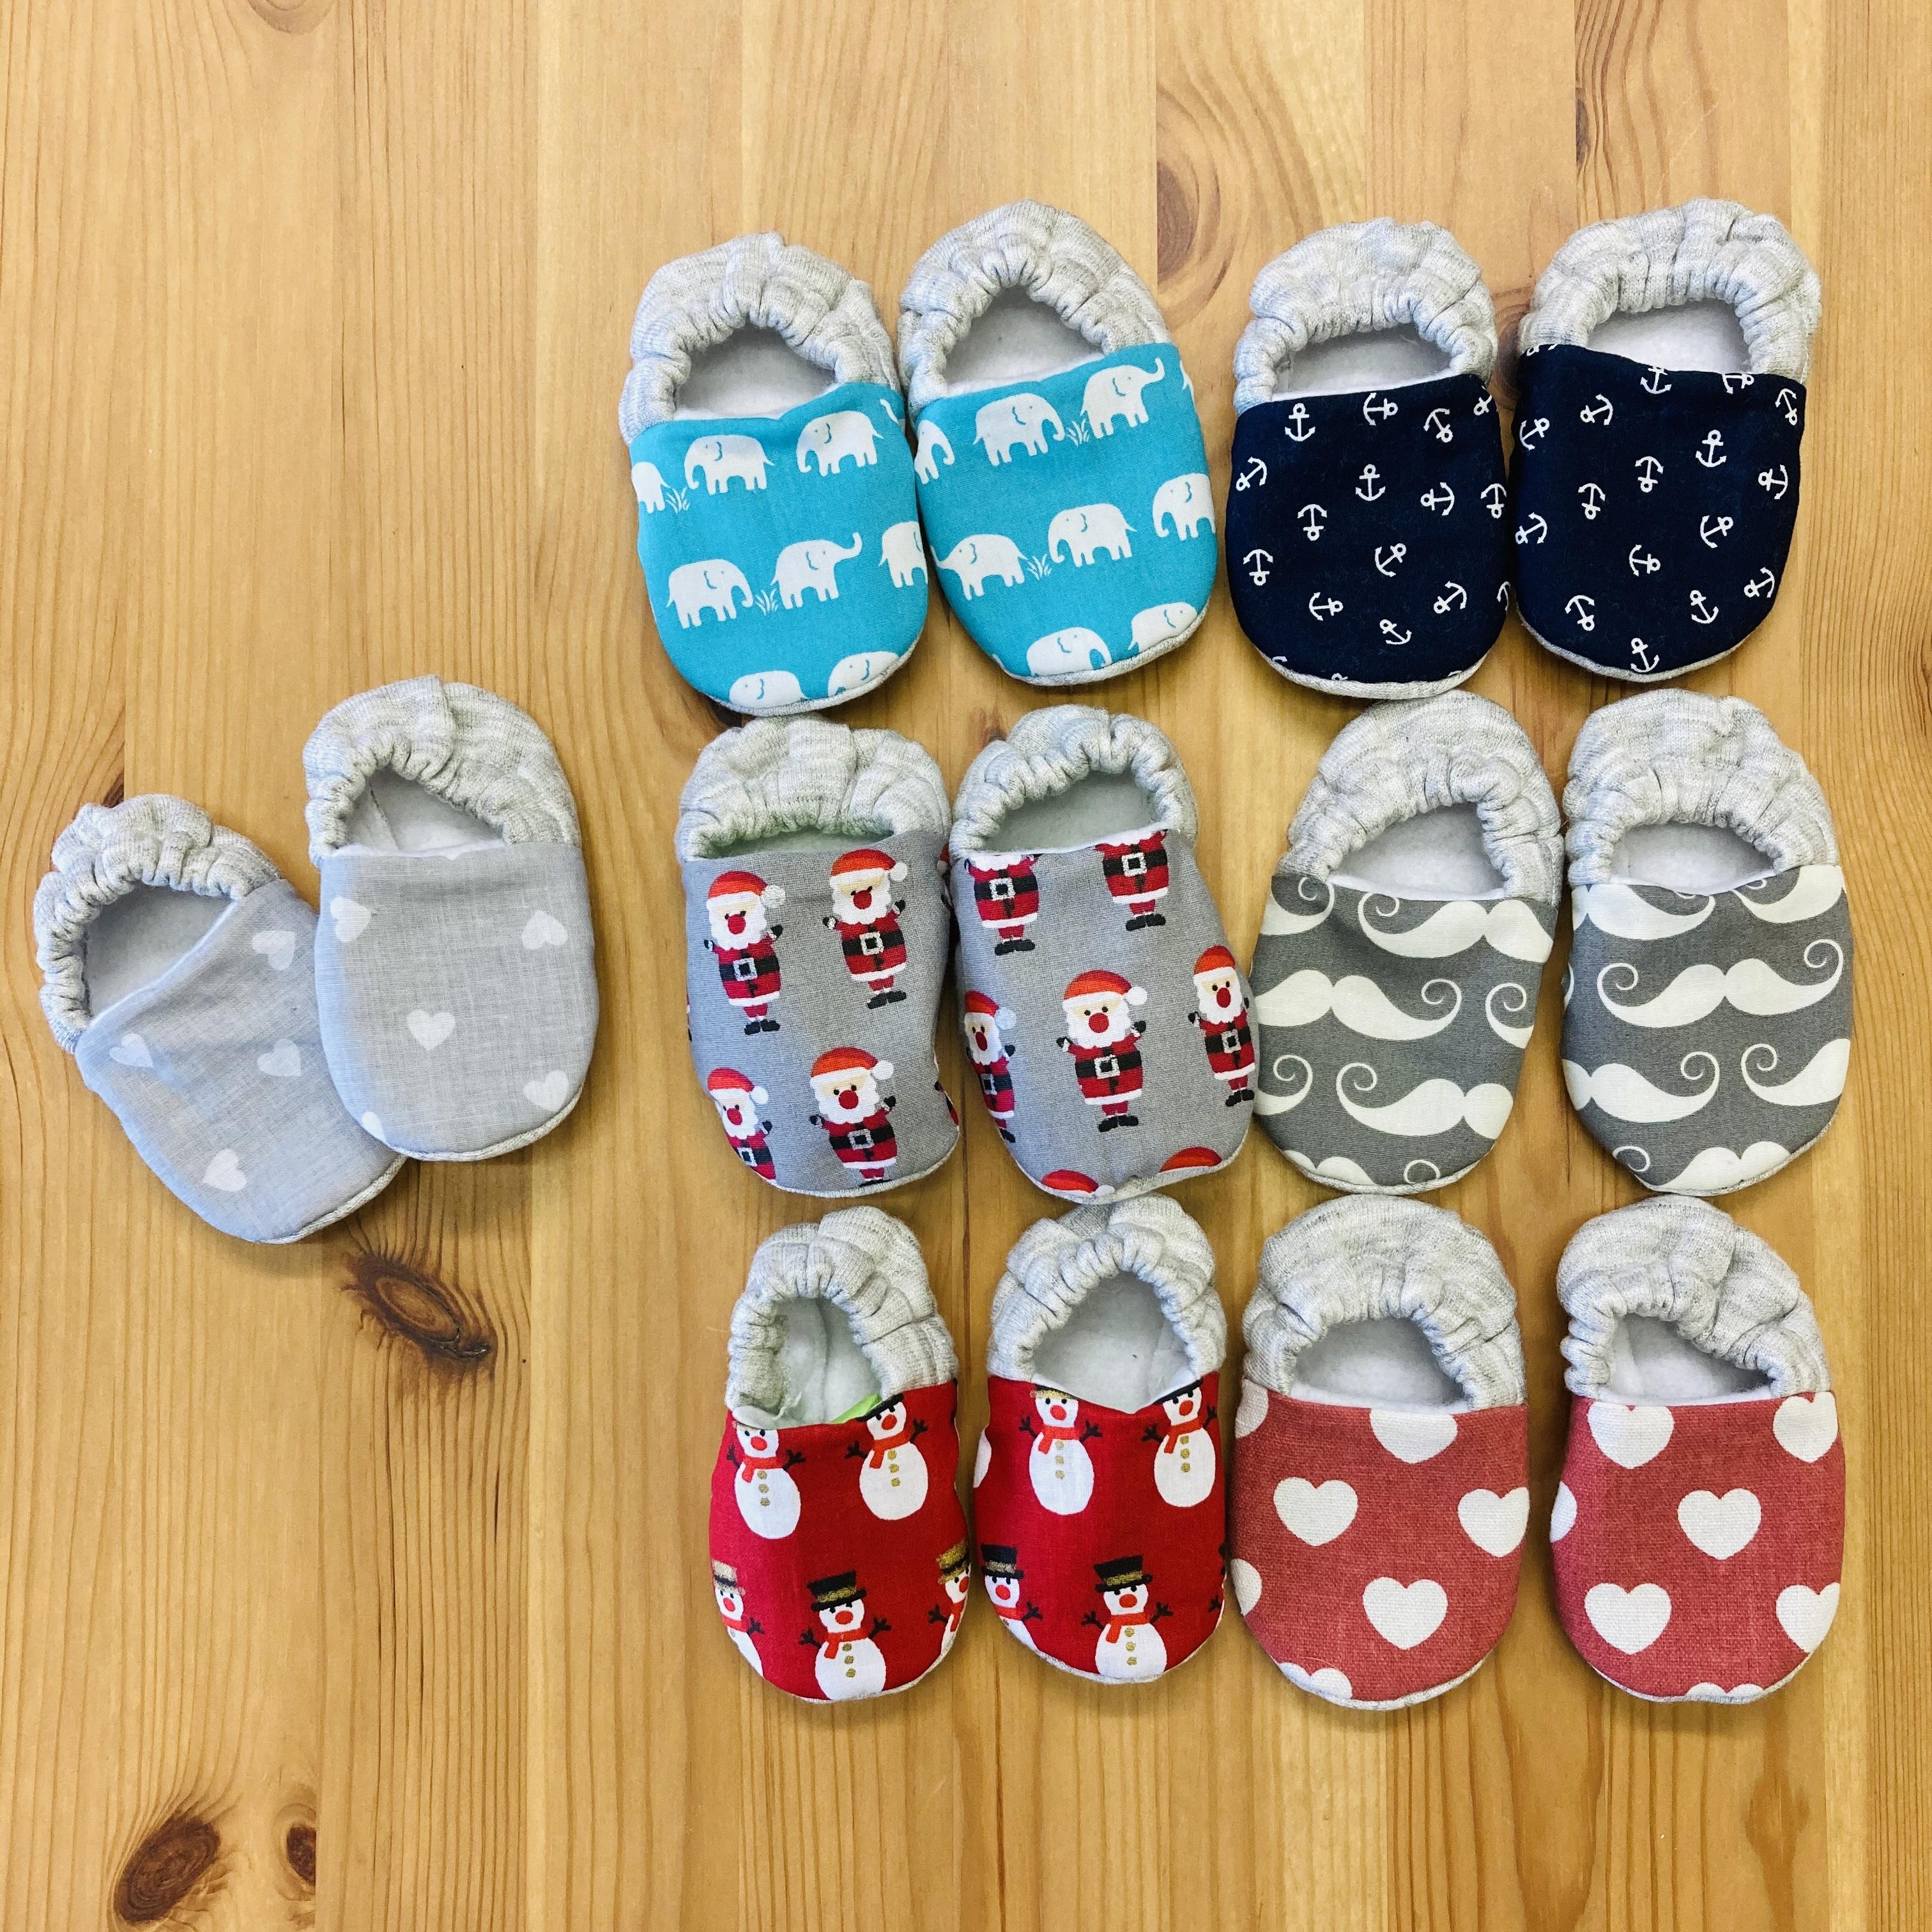 Newborn handmade baby booties MEbooties